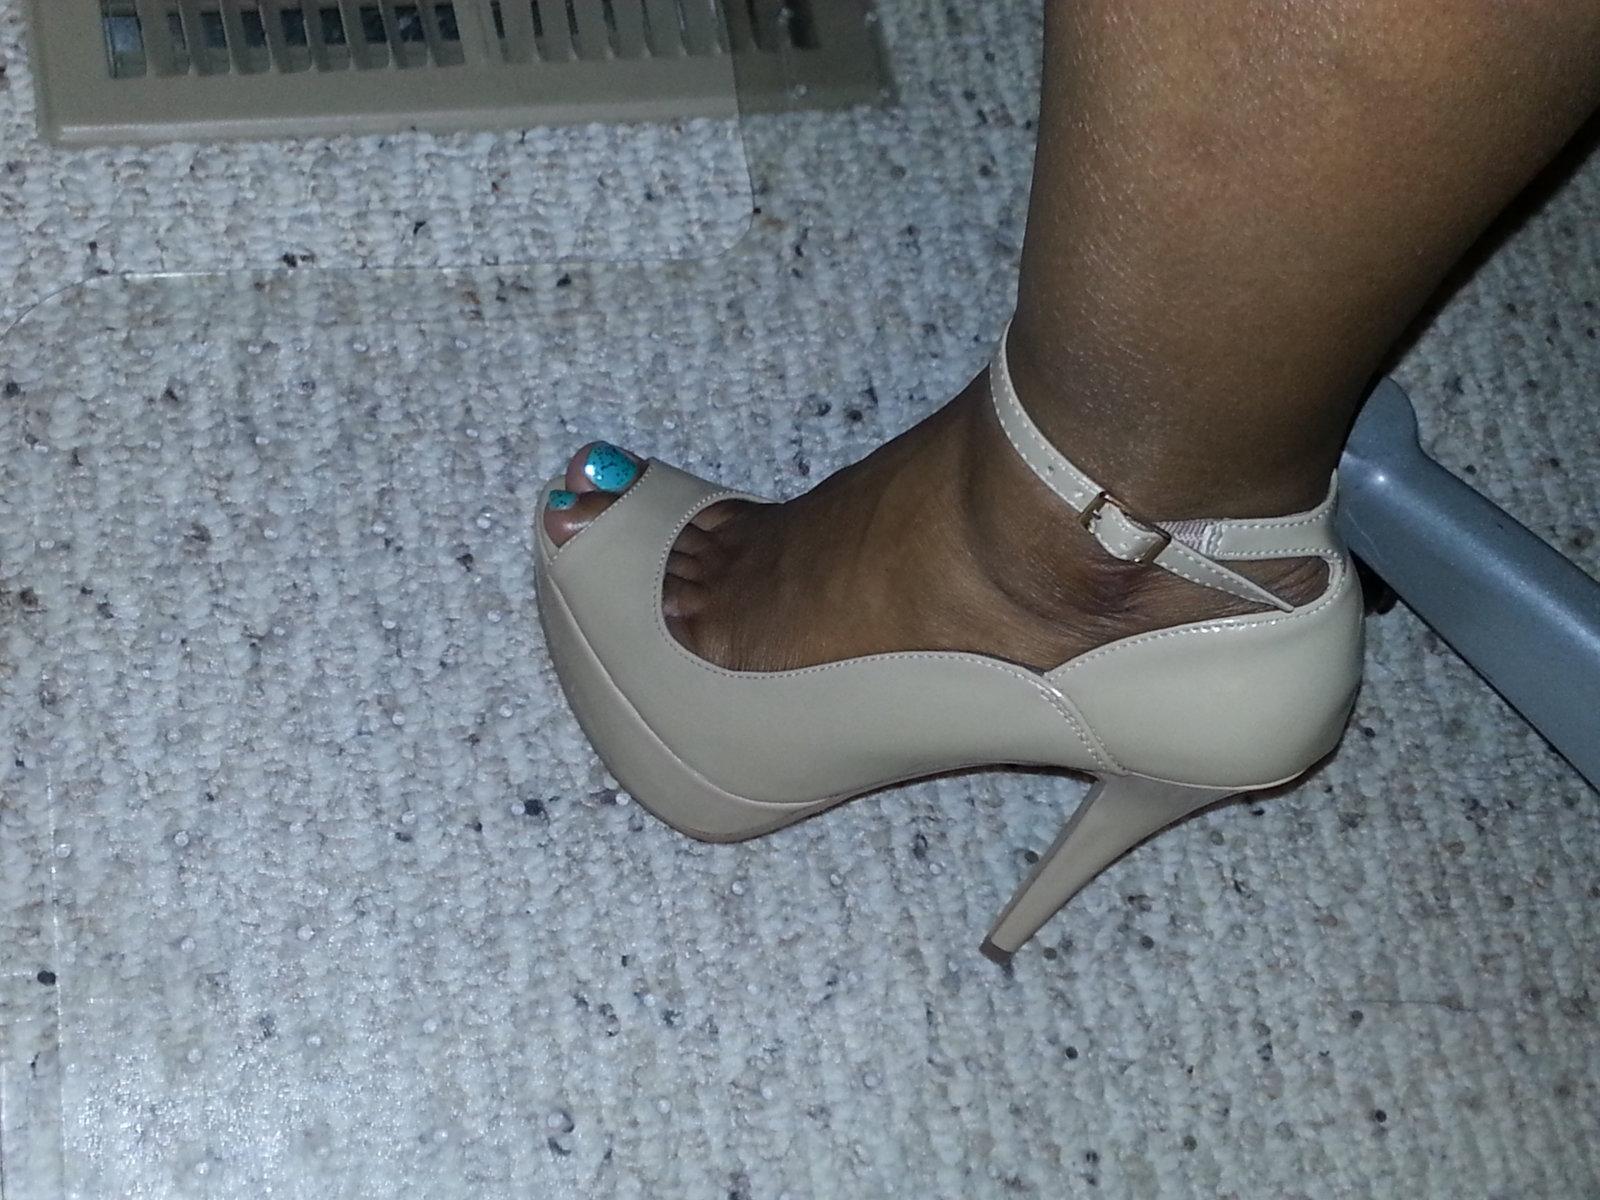 Playful peep toe